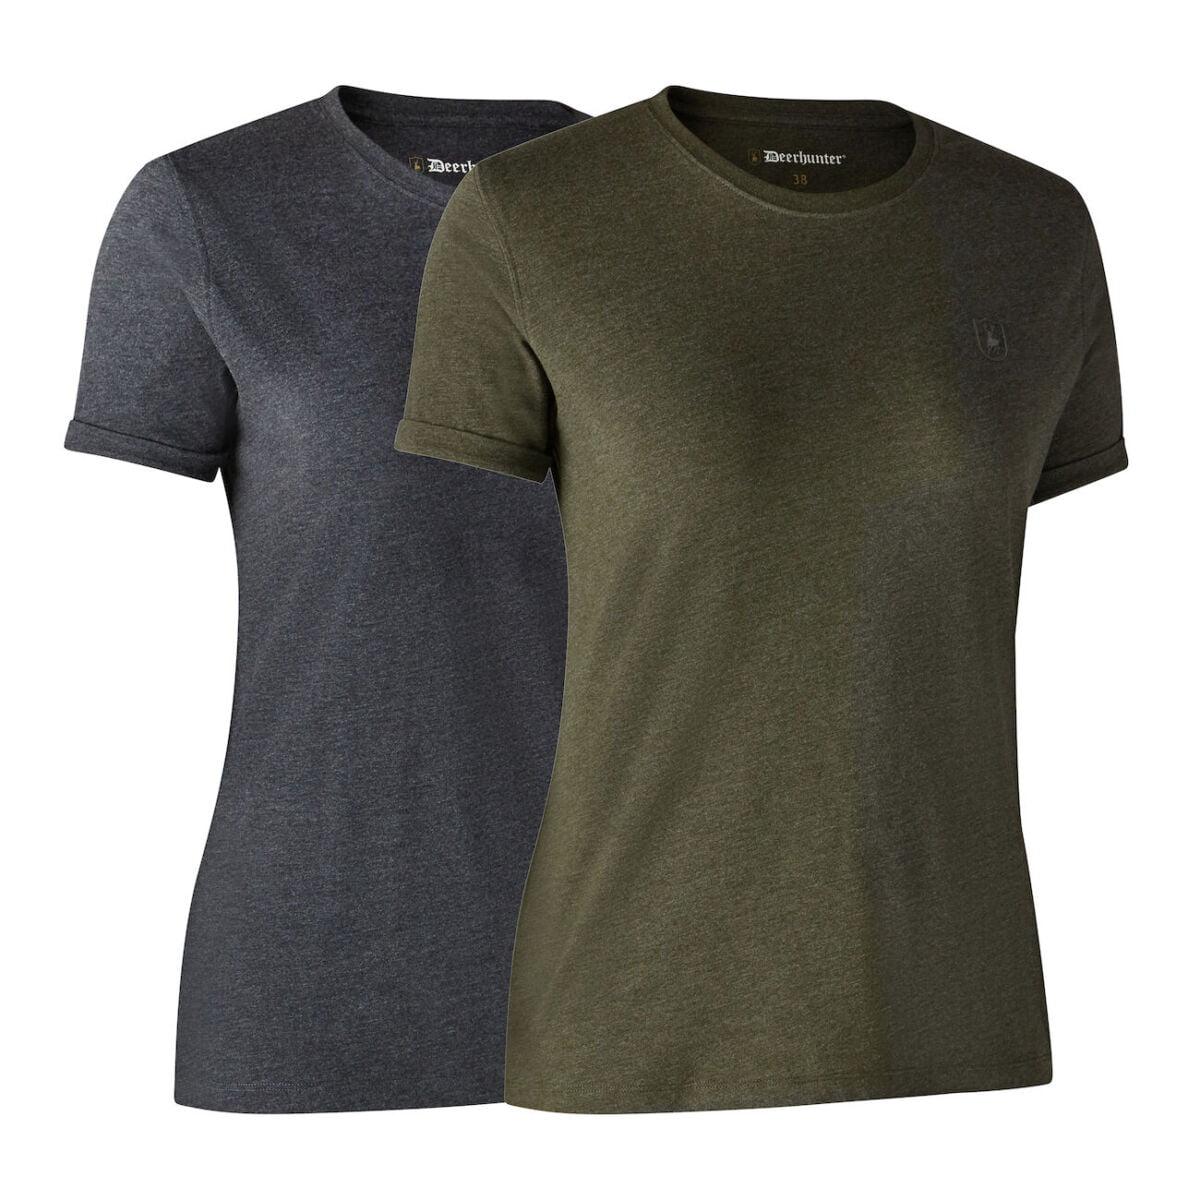 Женские футболки Deerhunter Basic набор 2 шт.